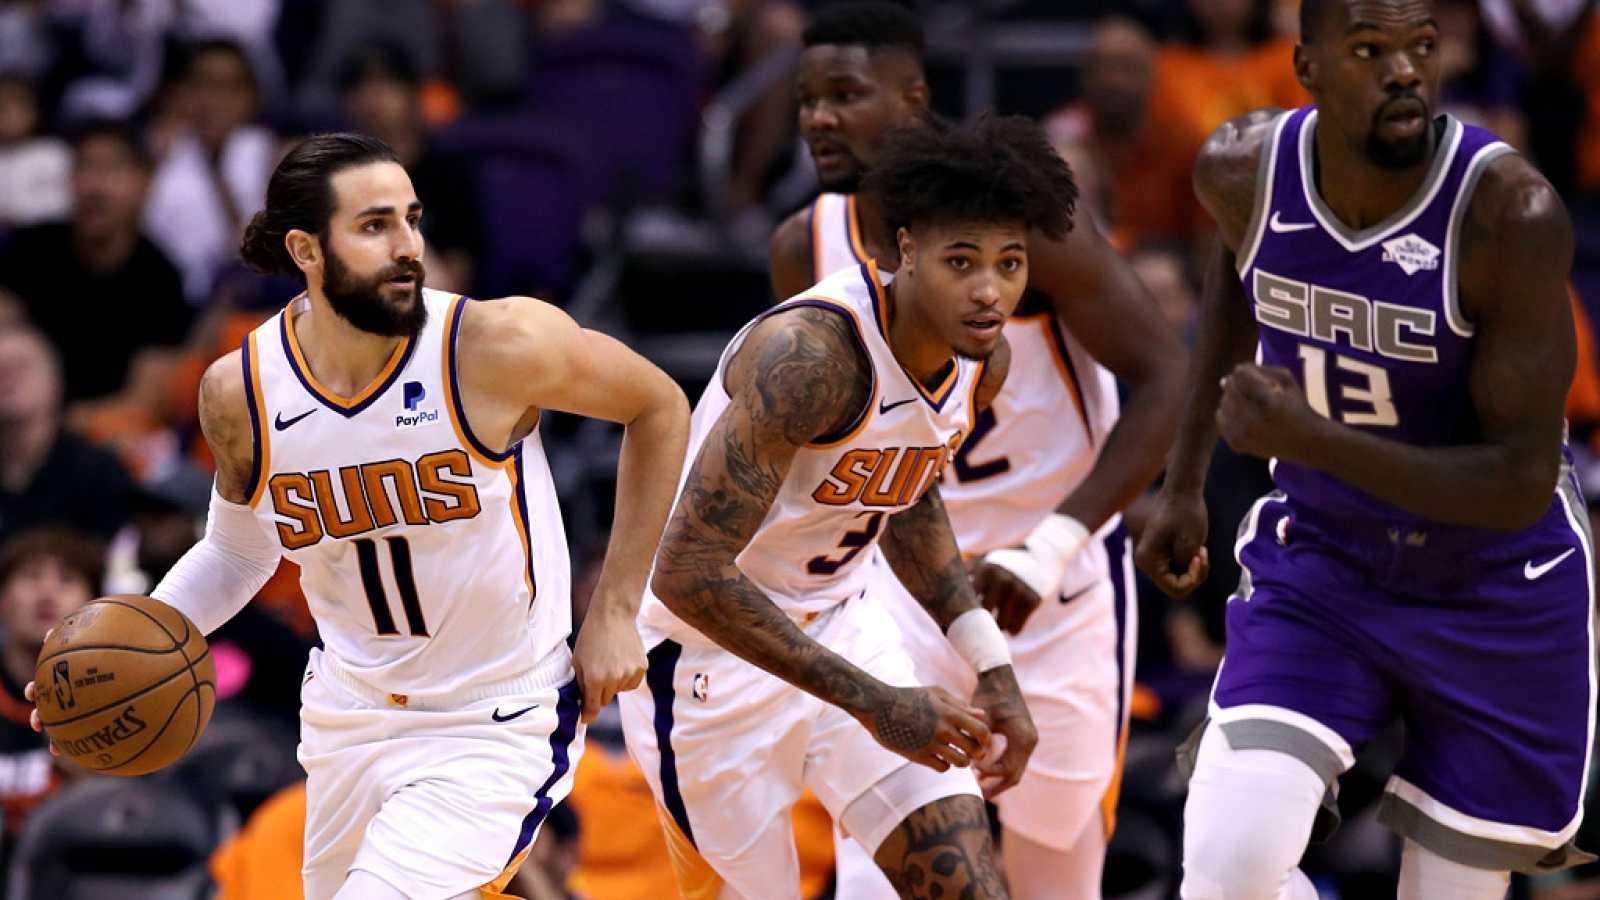 El base español Ricky Rubio ha vivido un gran estreno oficial con  Phoenix Suns, ya que se ha apuntado un 'doble-doble (11 puntos y 11  asistencias) en la contundente victoria de su equipo ante Sacramento  Kings (124-95), mientras que los hermanos He